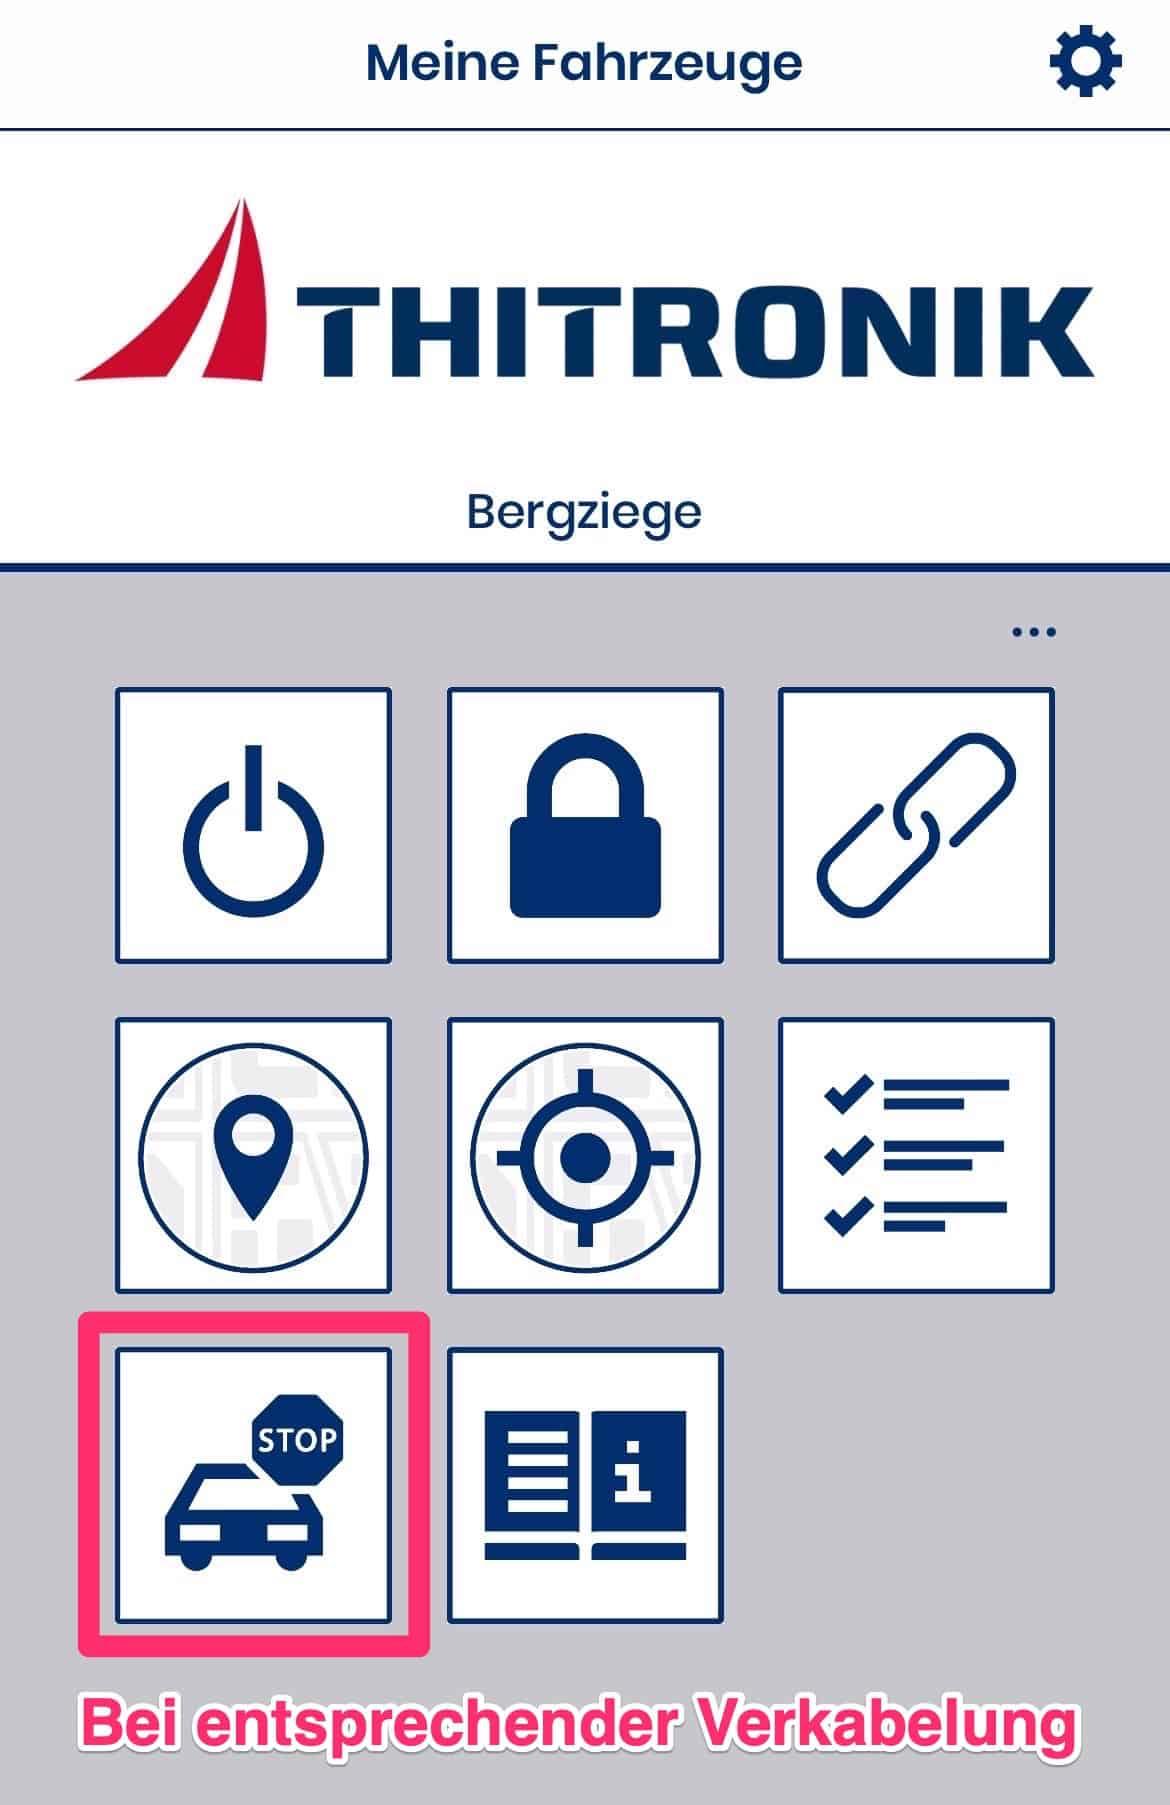 Thitronik-App-Fahrzeug-stilllegen